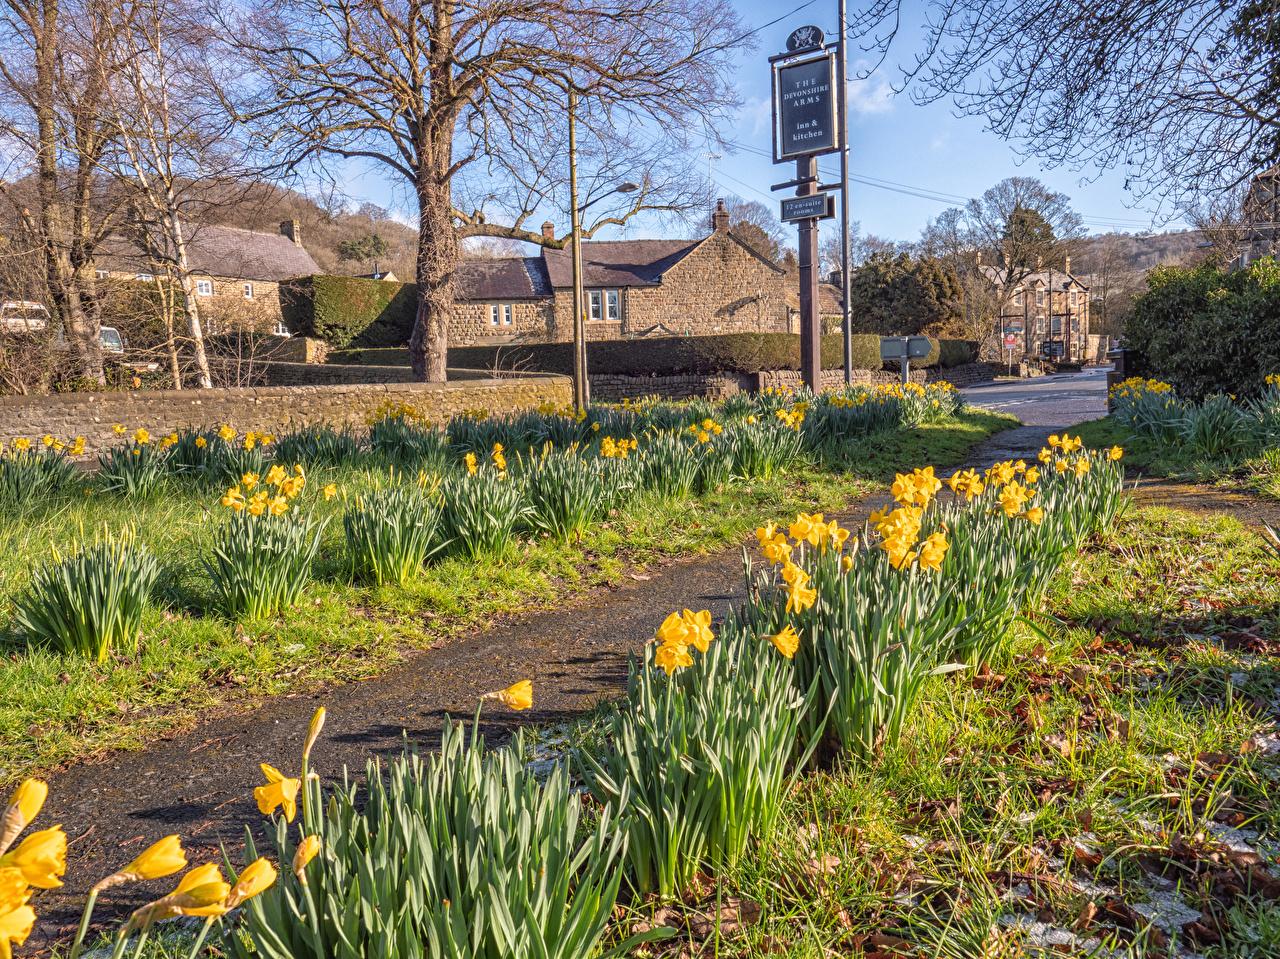 Картинки Великобритания Baslow Derbyshire весенние улице Нарциссы город Здания Весна улиц Улица Дома Города